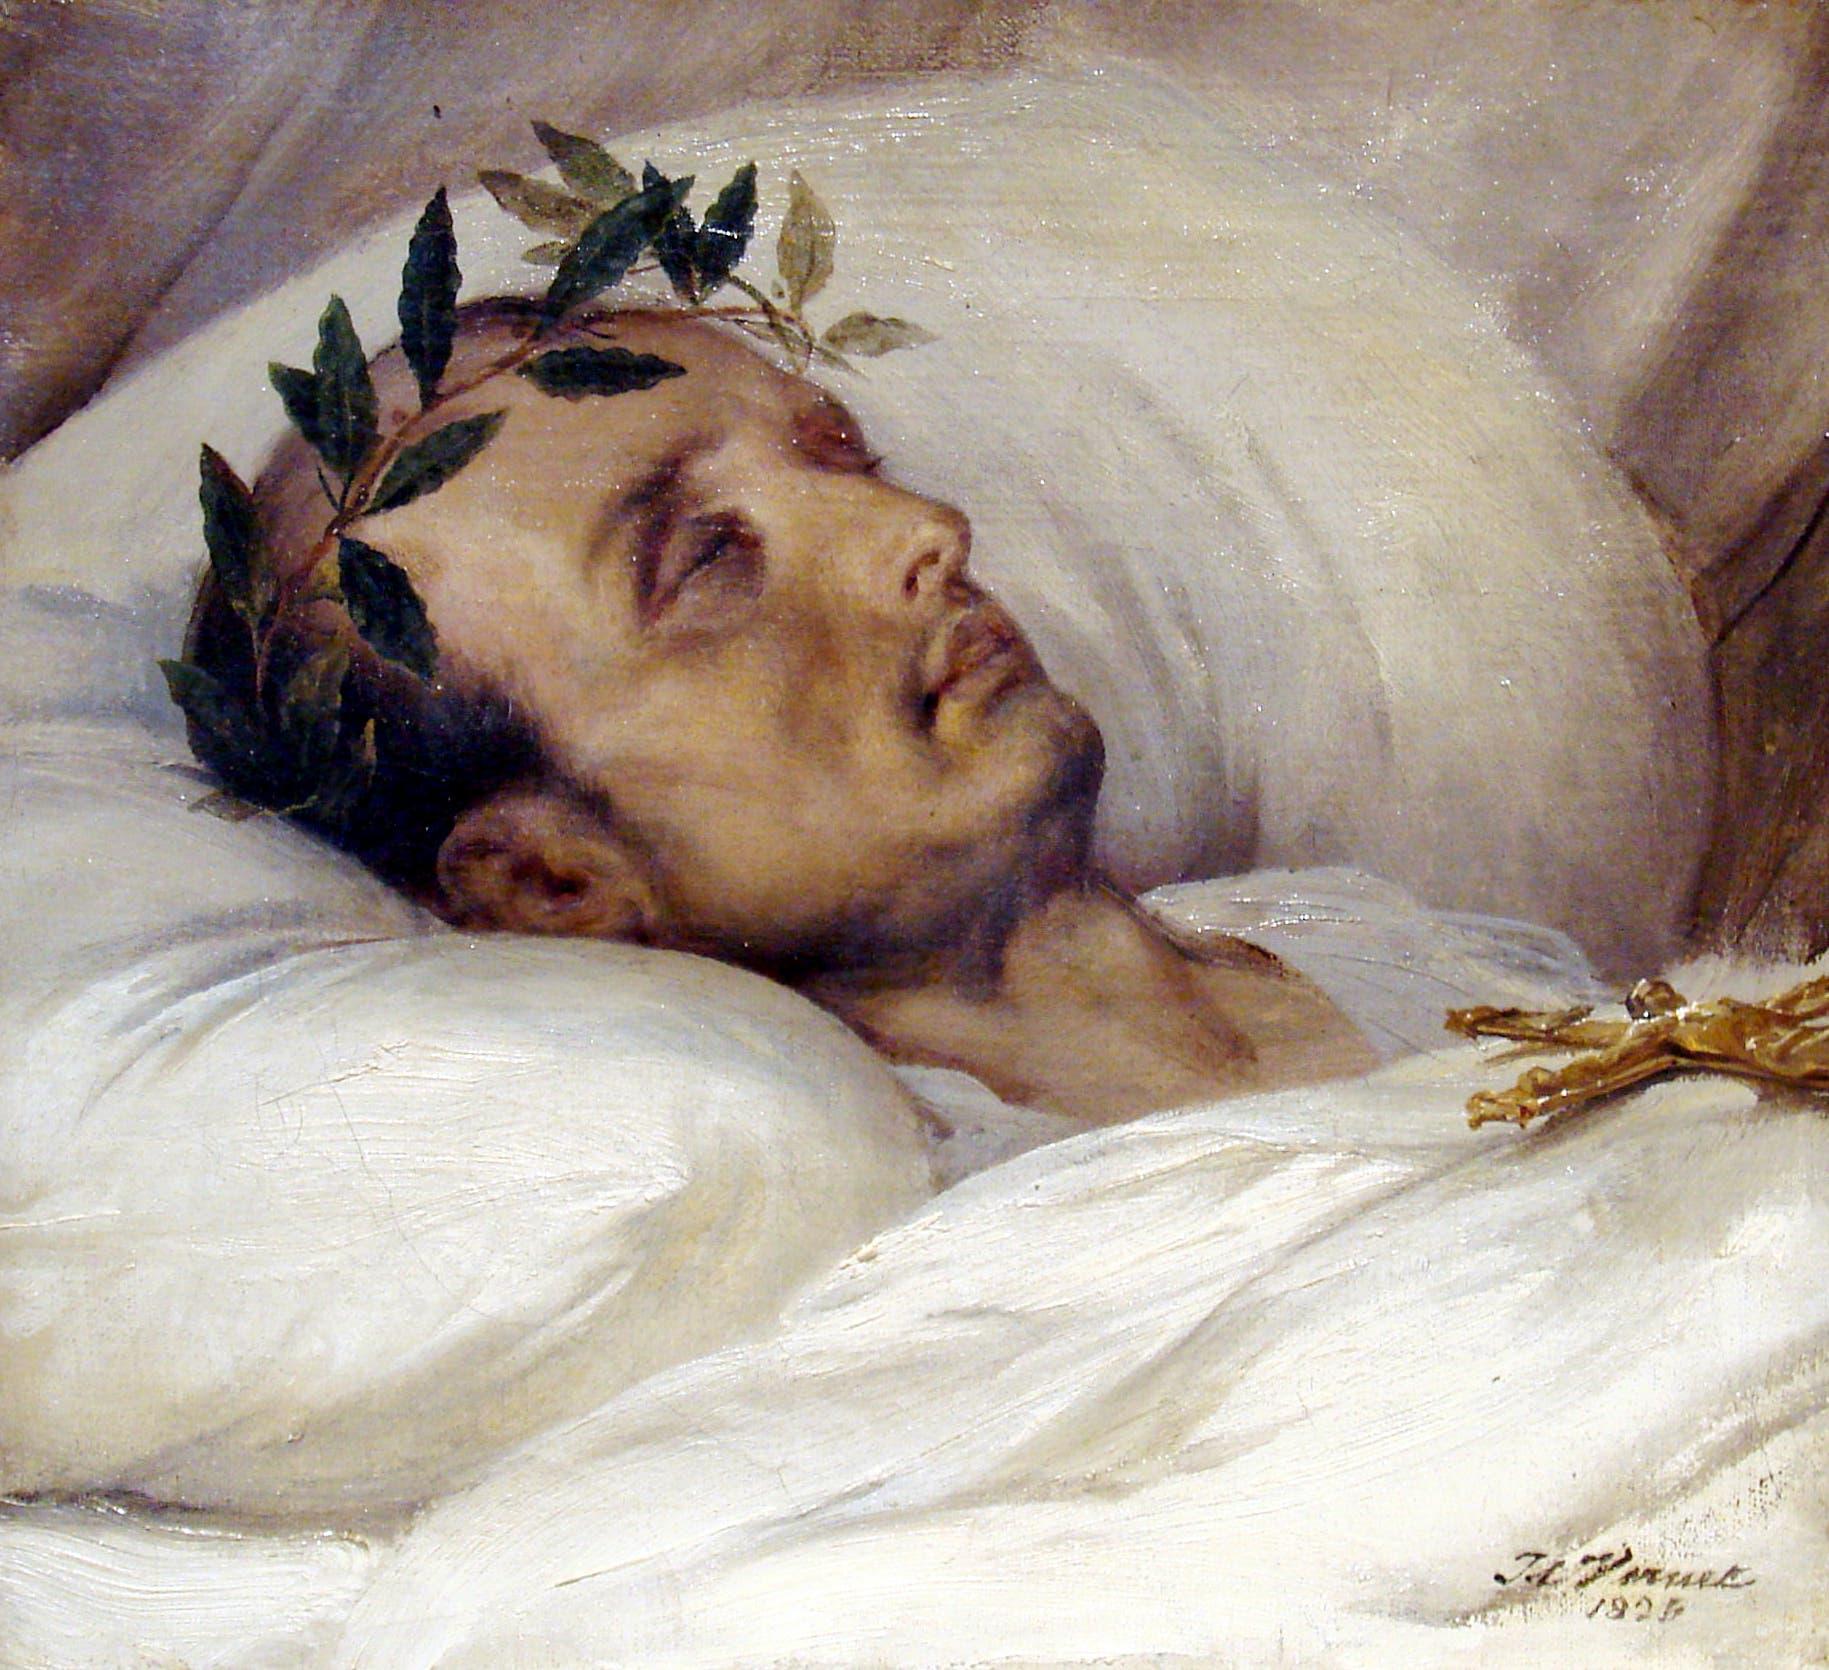 لوحة تجسد نابليون بونابرت ميتا